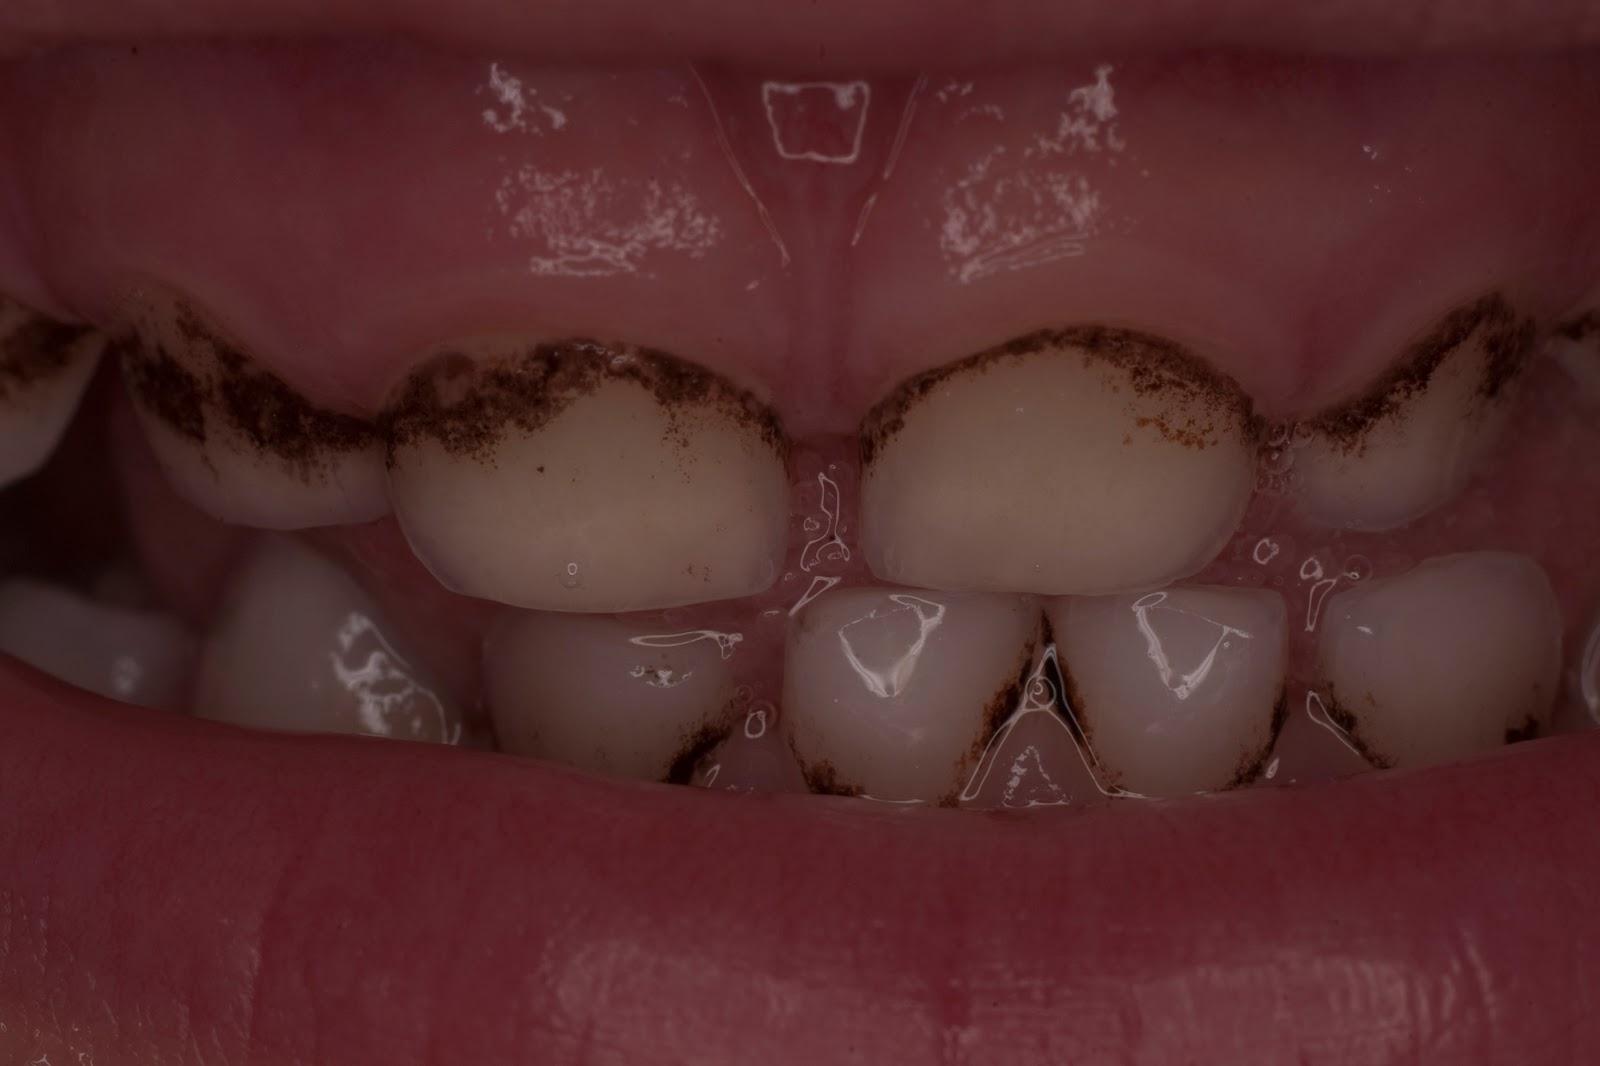 От чего появляется налет на зубах детей